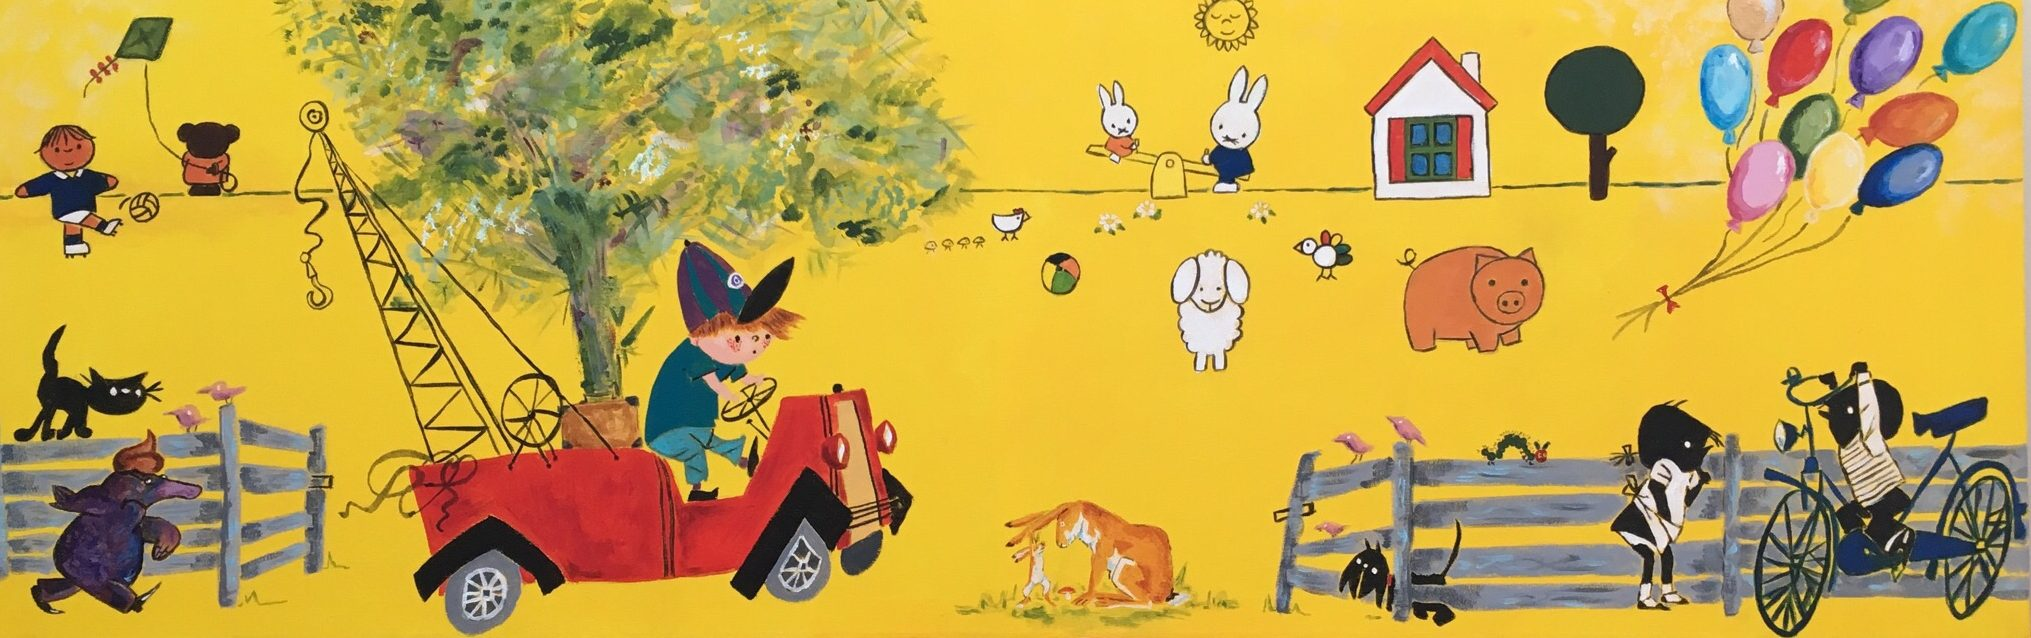 Kinderboeken - Verkocht Acryl op doek 40 x 100